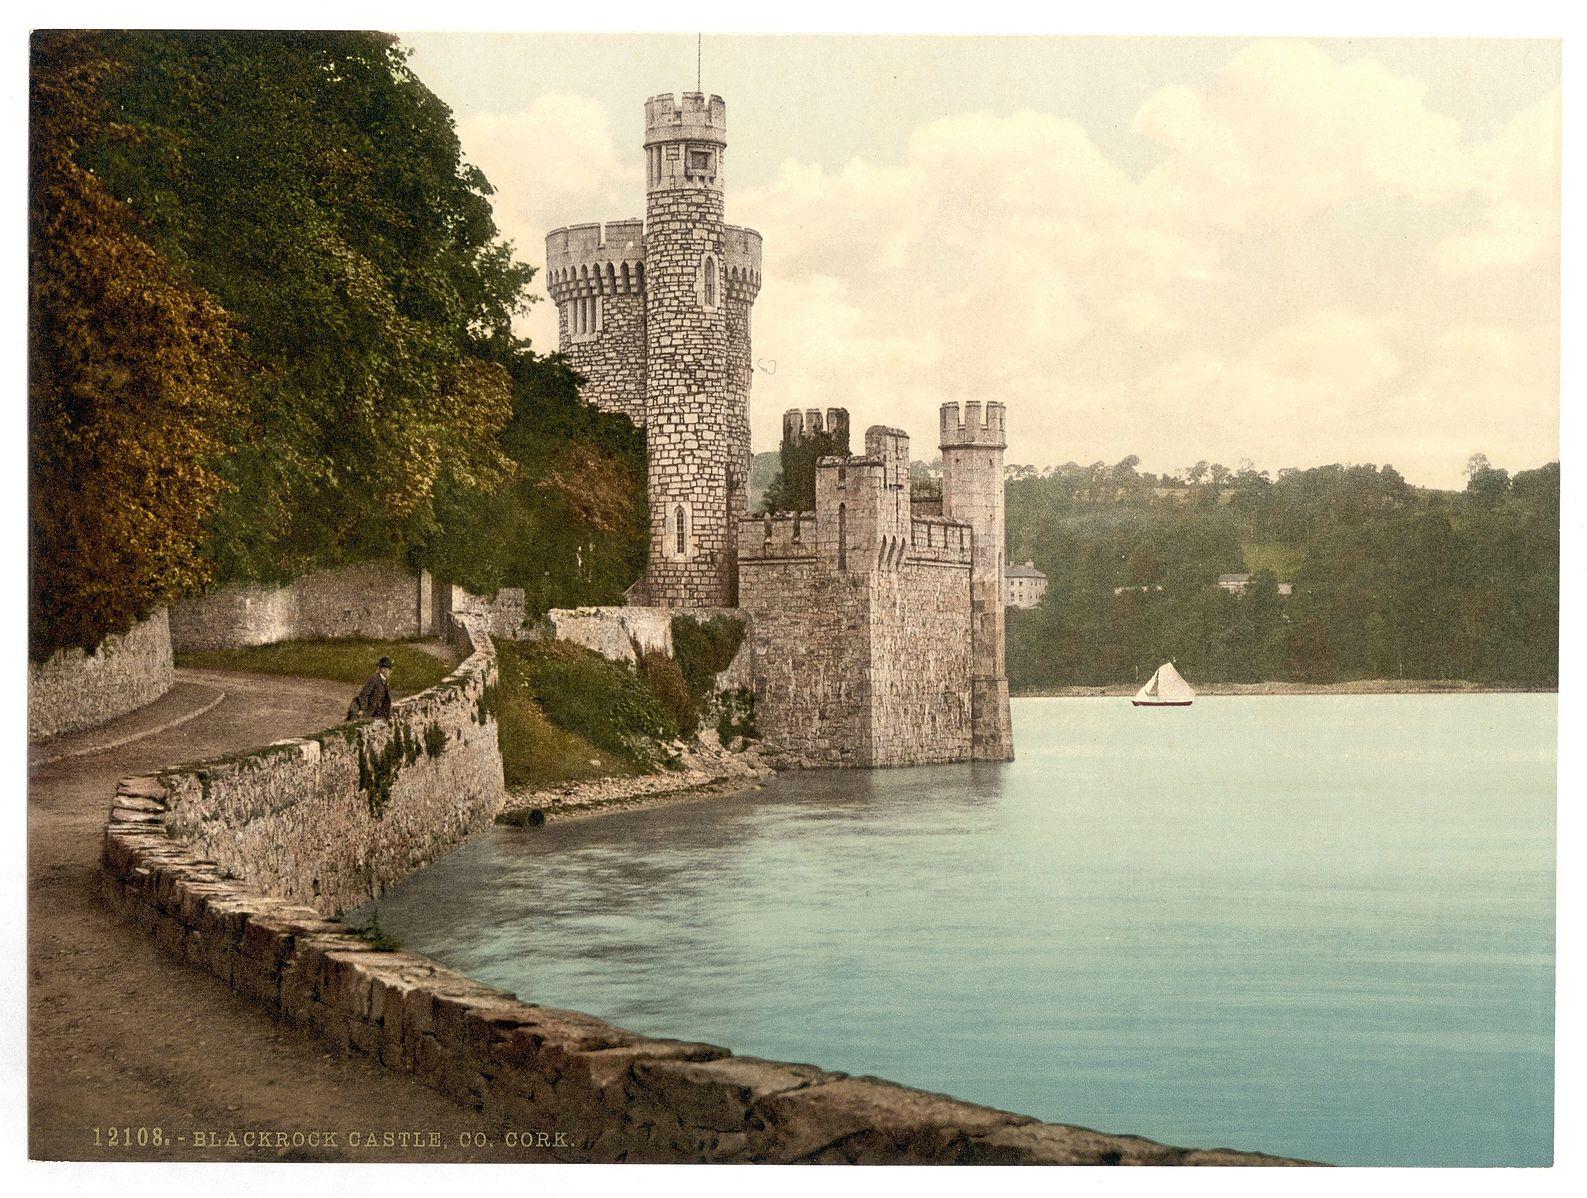 Castle in County Cork Ireland